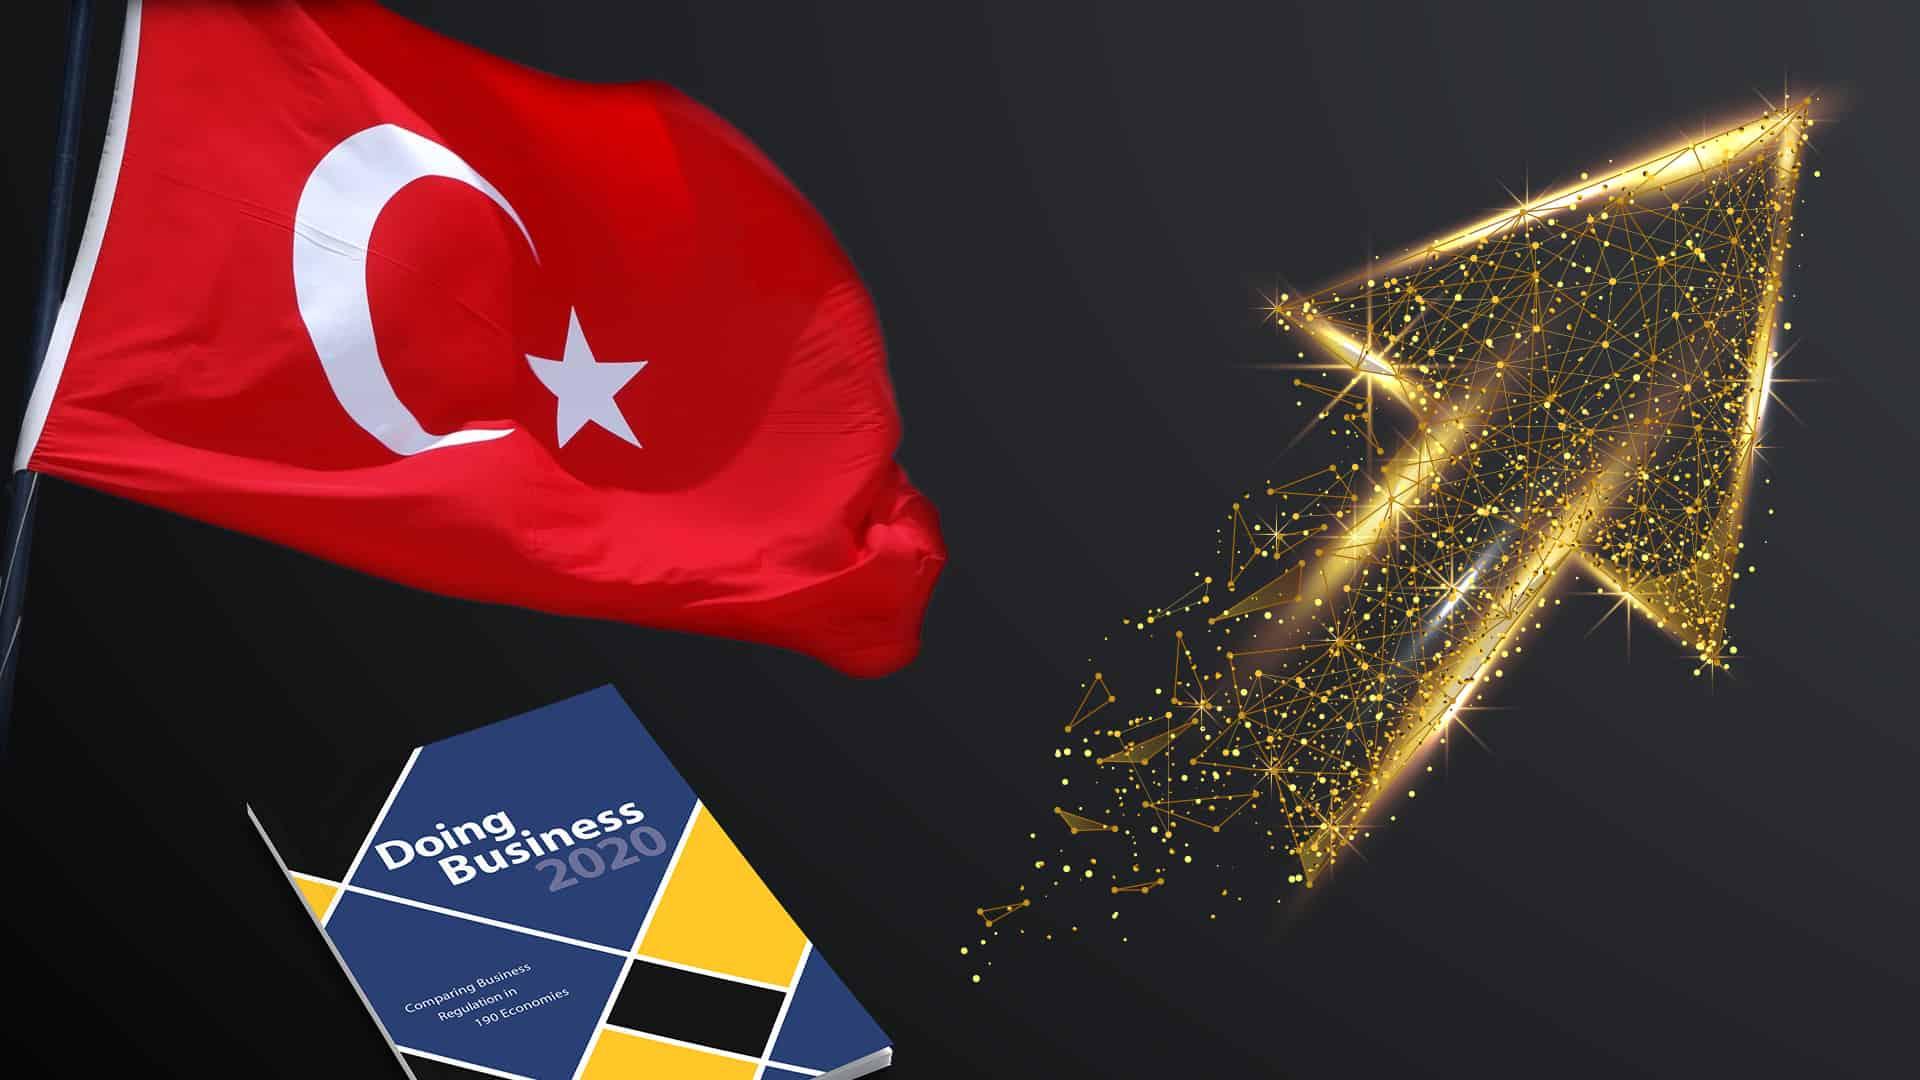 رفع الحد الأدنى للأجور في تركيا لعام 2020 بنسبة 15%